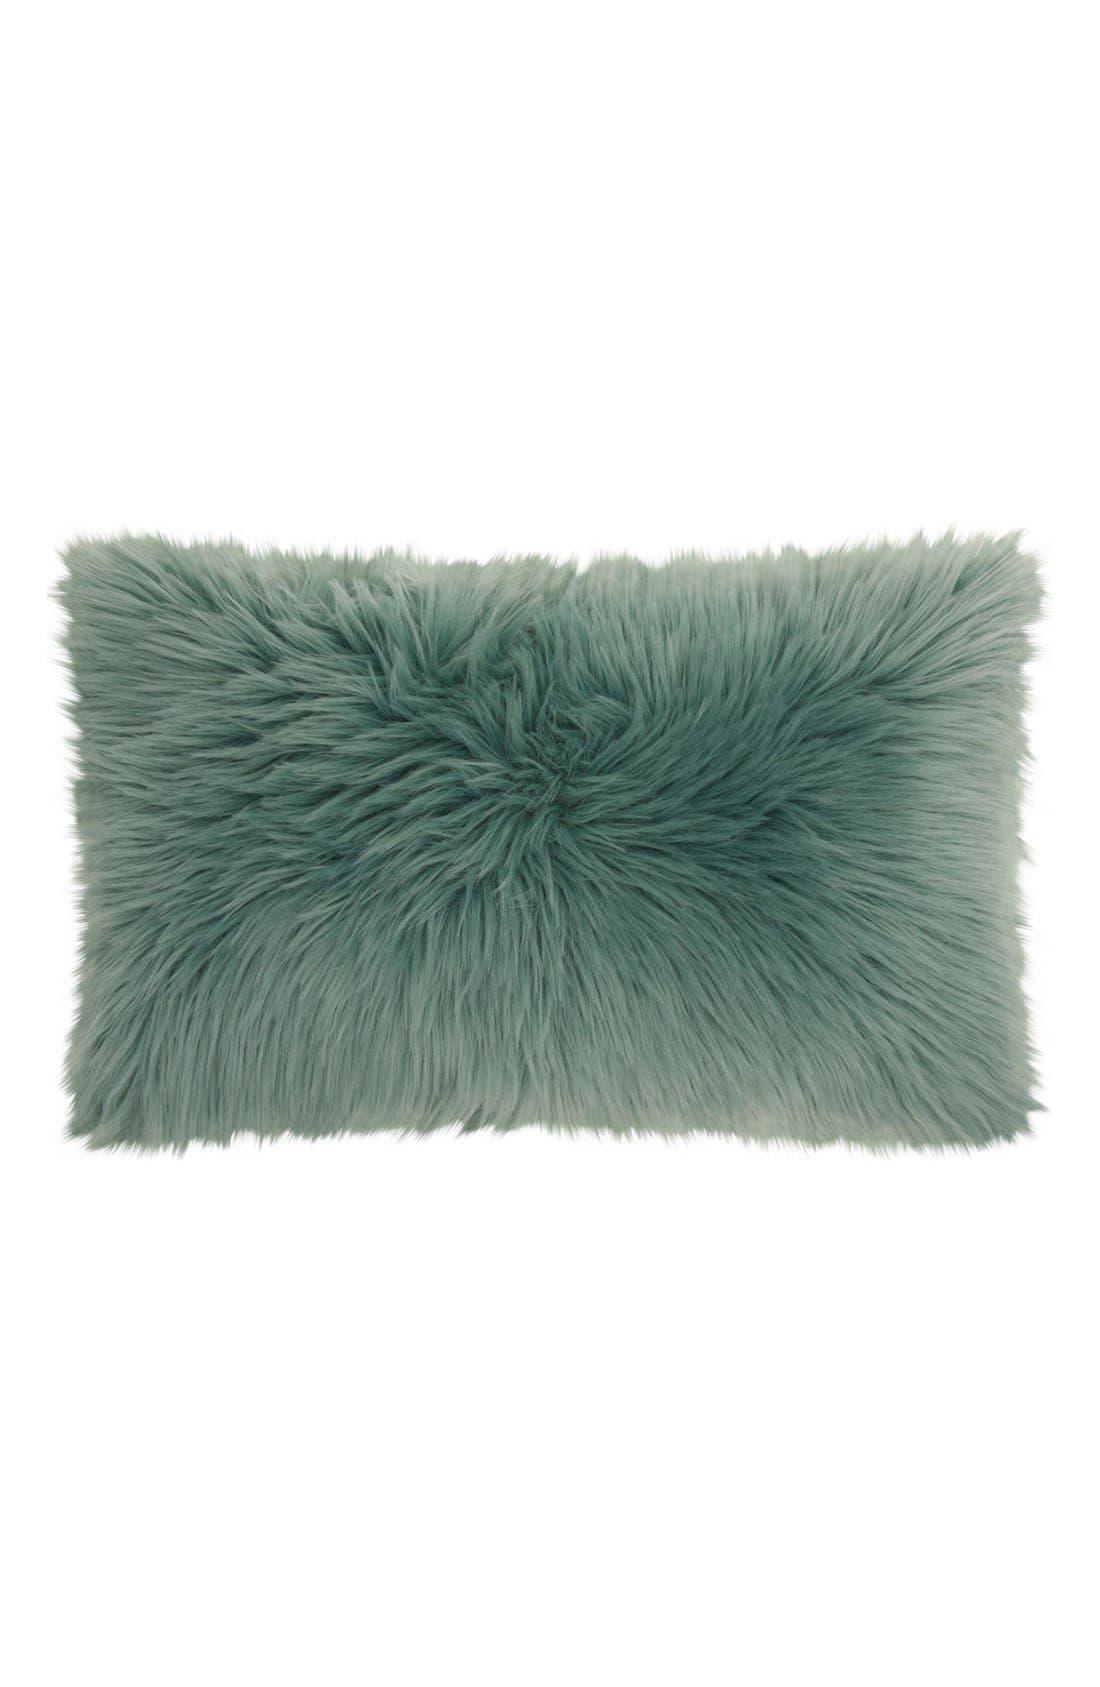 'Sumptuous' Faux Fur Accent Pillow,                             Main thumbnail 1, color,                             Celadon